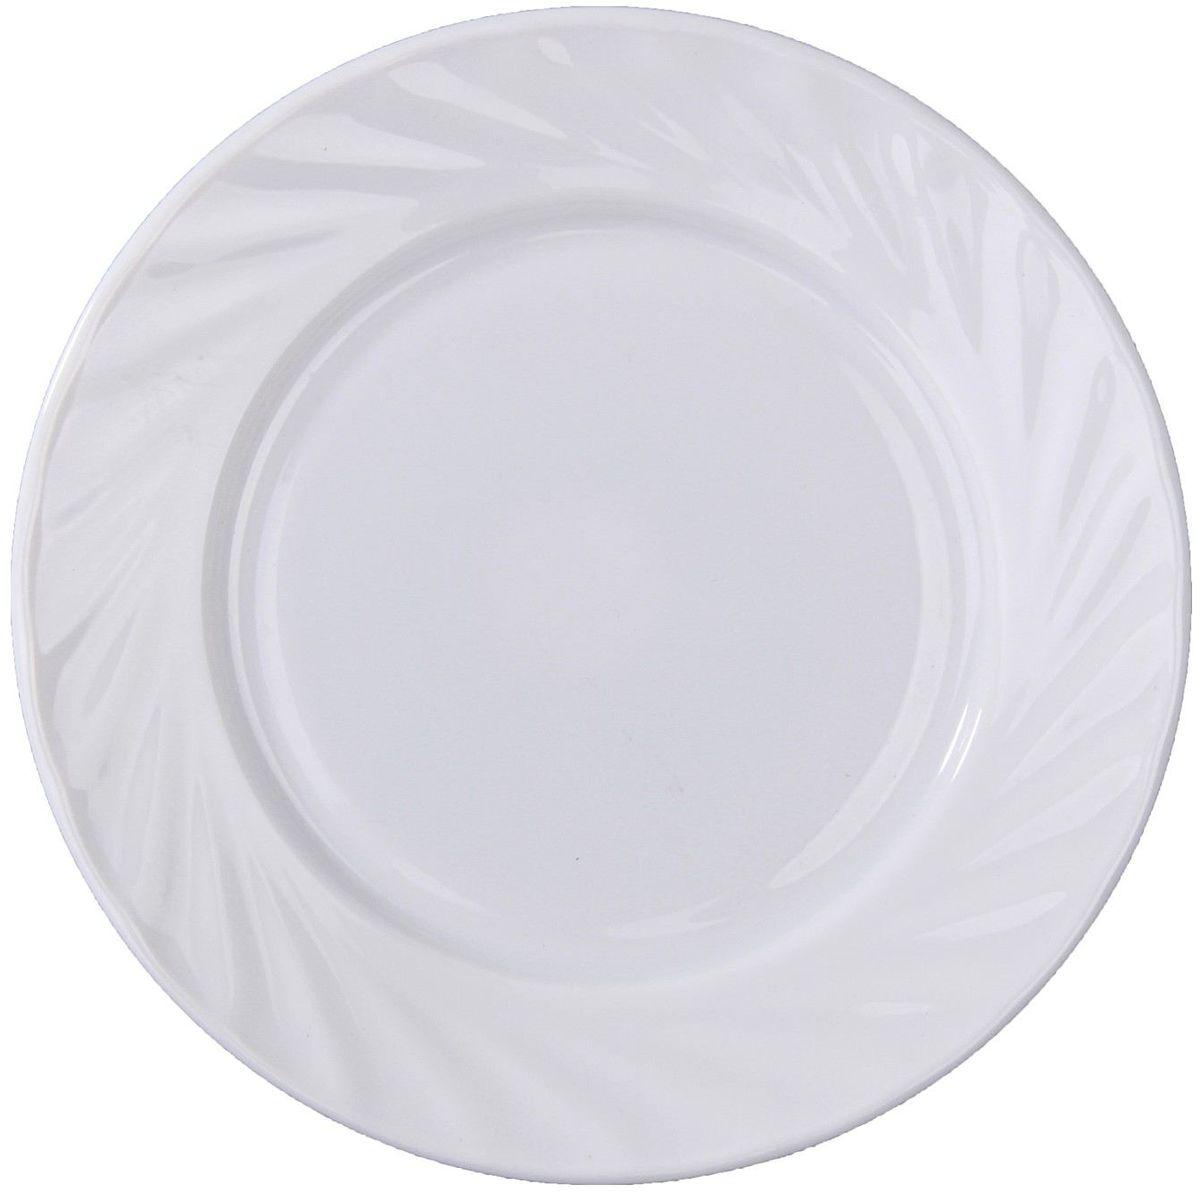 Тарелка десертная Регал, диаметр 17,5 см122416Тарелка – важнейший предмет любого застолья. Будучи во главе стола, она привлекает к себе основное внимание. А это значит – рисунок, цвет и материал играют немаловажную роль.Почему во всем мире так ценится посуда из стеклокермики?Универсальна. Ее можно использовать и для приготовления пищи, и для безопасного хранения любых готовых блюд. В такой посуде можно кипятить, варить, жарить парить, тушить и запекать любые продукты.Ударопрочна и травмобезопасна. Термическое стекло – очень прочный материал, который не поддается механическим нагрузкам, не бьется, не колется и не трескается.Термически устойчива (жаропрочна). Посуда не деформируется при нагреве и подходит для СВЧ-печей.Химически инертна. Стеклянные поверхности посуды совершенно нечувствительны к воздействию моющих и чистящих средств.Экологически и гигиенически безопасна. Стеклокерамика – исключительно «чистый» материал, не выделяющий вредных летучих соединений даже при сильном нагреве, не впитывает запахов и не передает их хранящейся или готовящейся пище.Удобна в уходе. Моется обычной теплой водой, не формирует накипь и нагар.Эстетически привлекательна. Прозрачное, матовое и тонированное термическое стекло имеет оригинальный вид, который сохраняется в любых технических условиях на долгие годы.